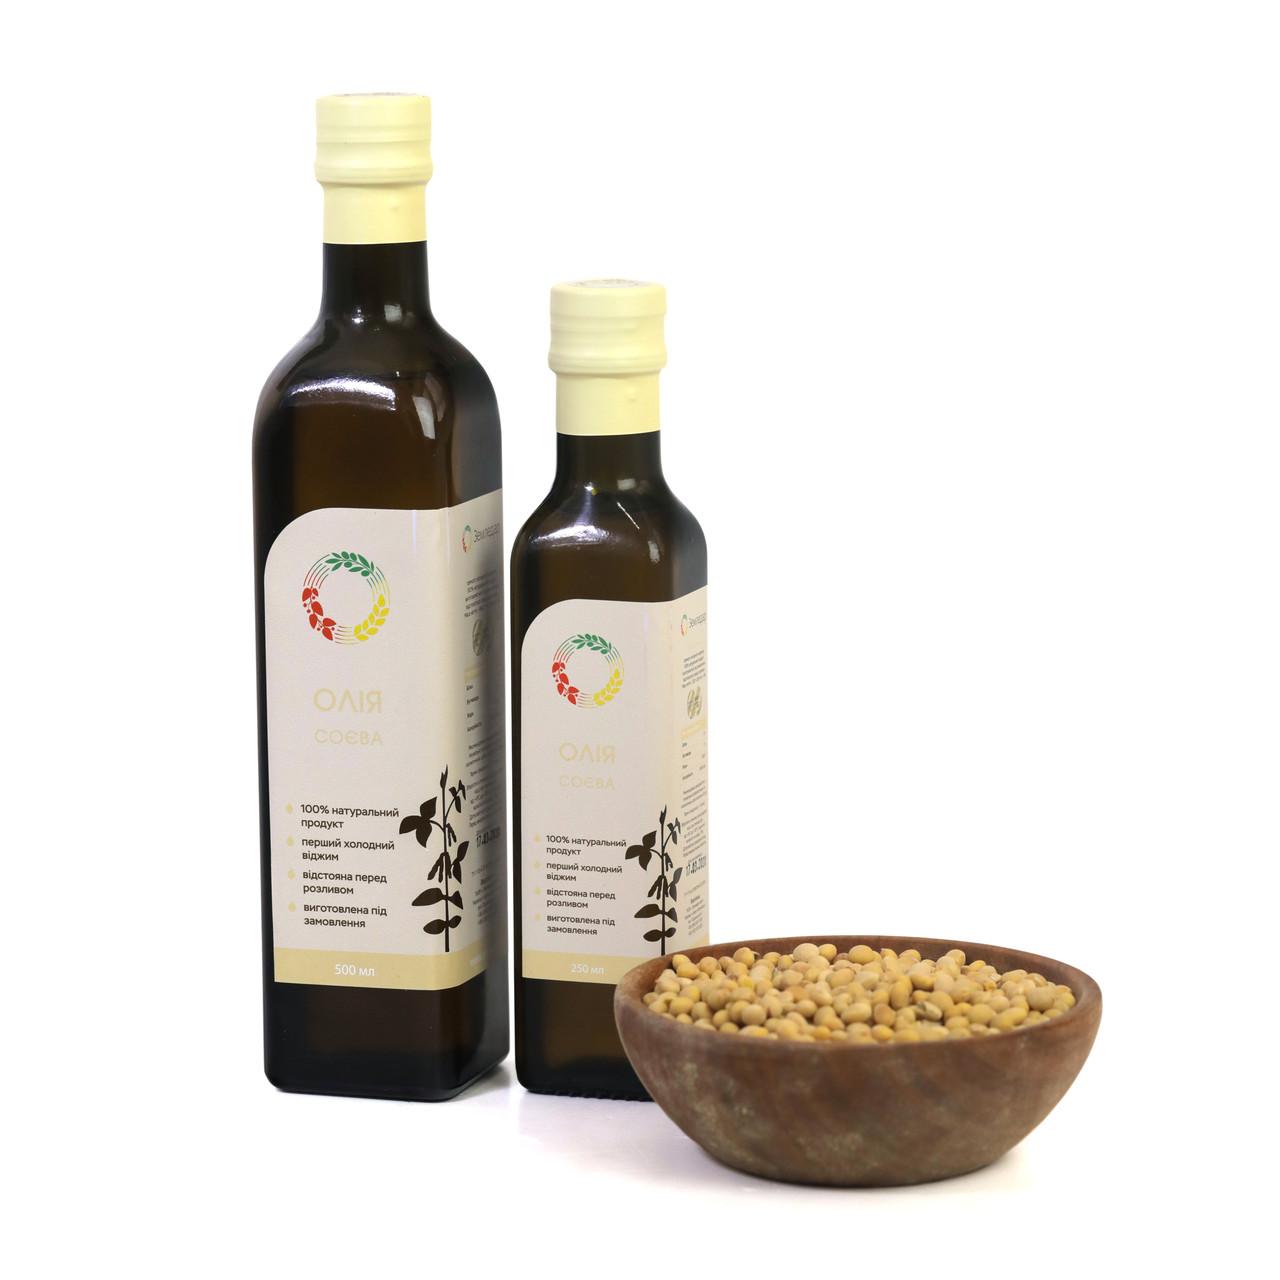 Соевое масло 0,5 л сертифицированное без ГМО сыродавленное холодного отжима